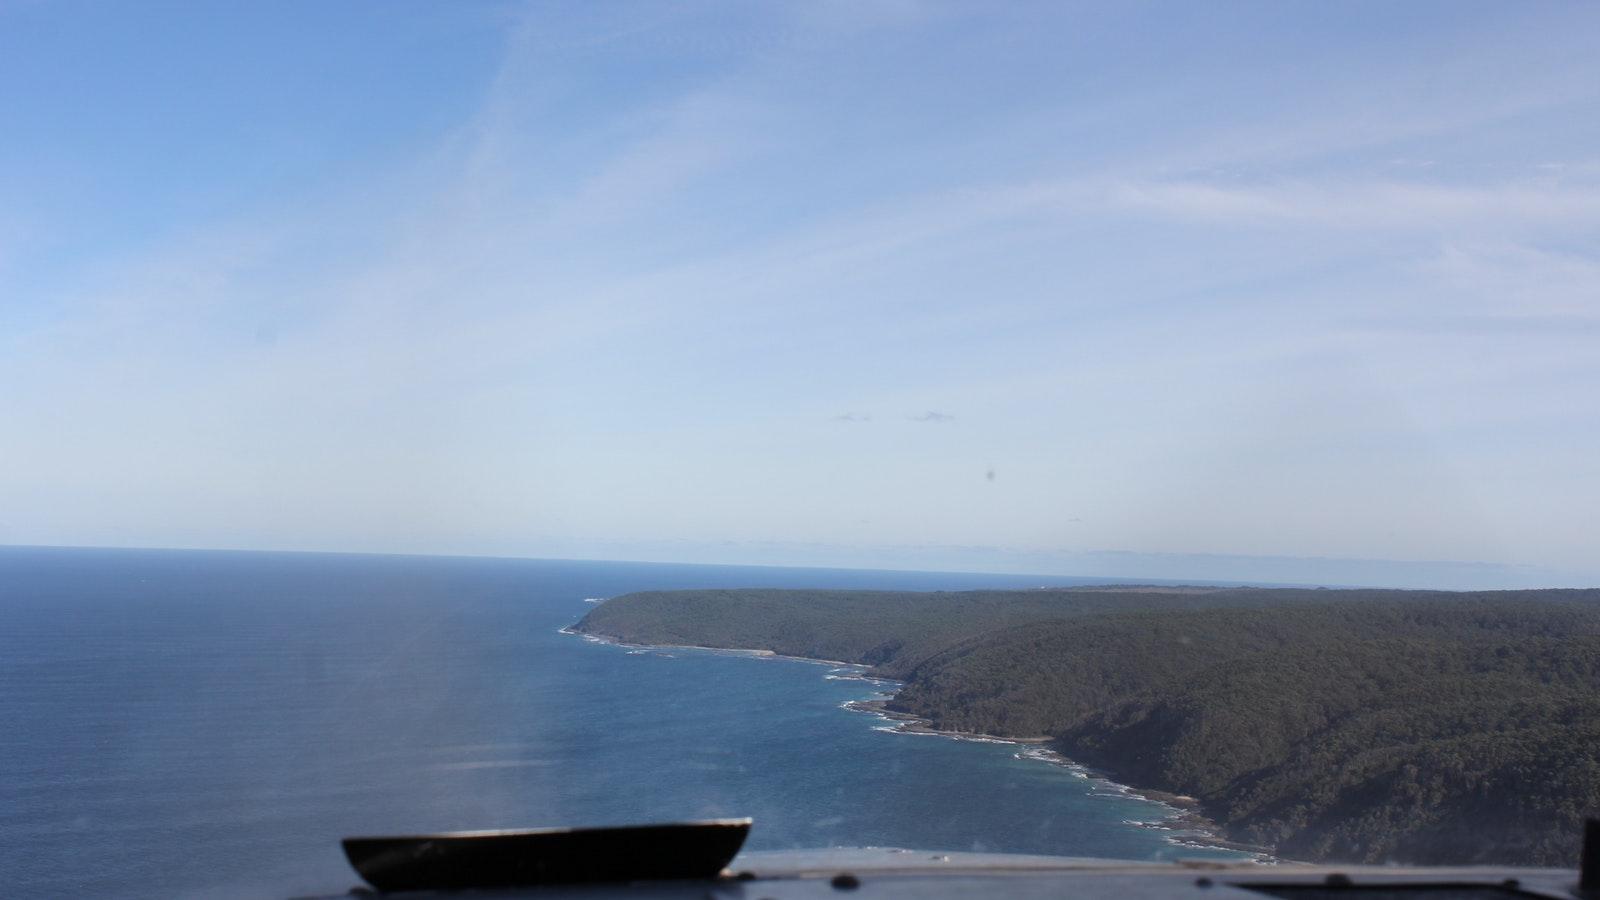 Looking towards Cape Otway